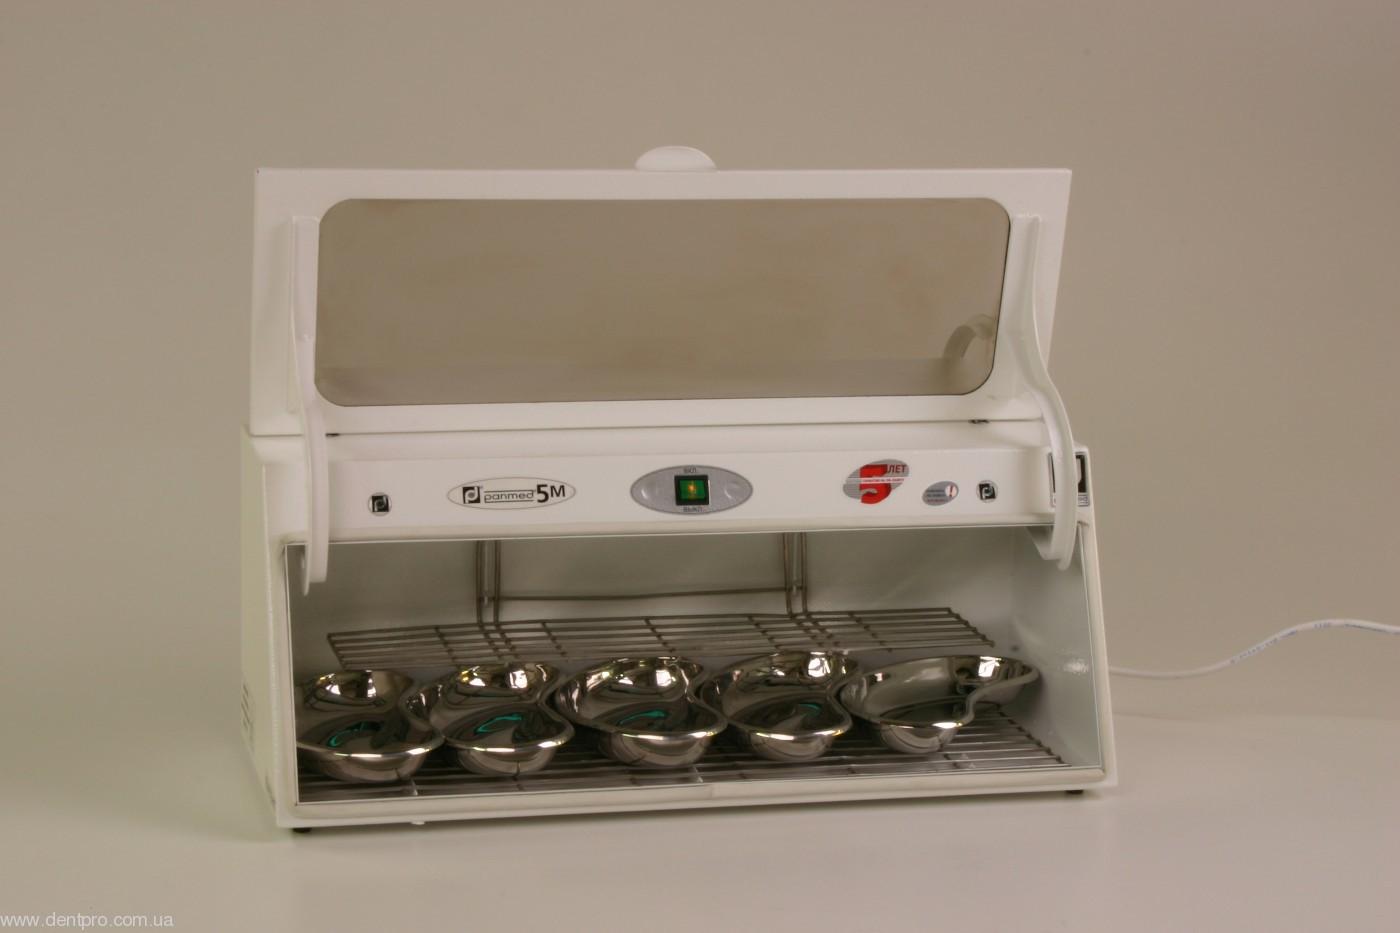 УФ камера для хранения стерильного инструмента ПАНМЕД-5 - 1